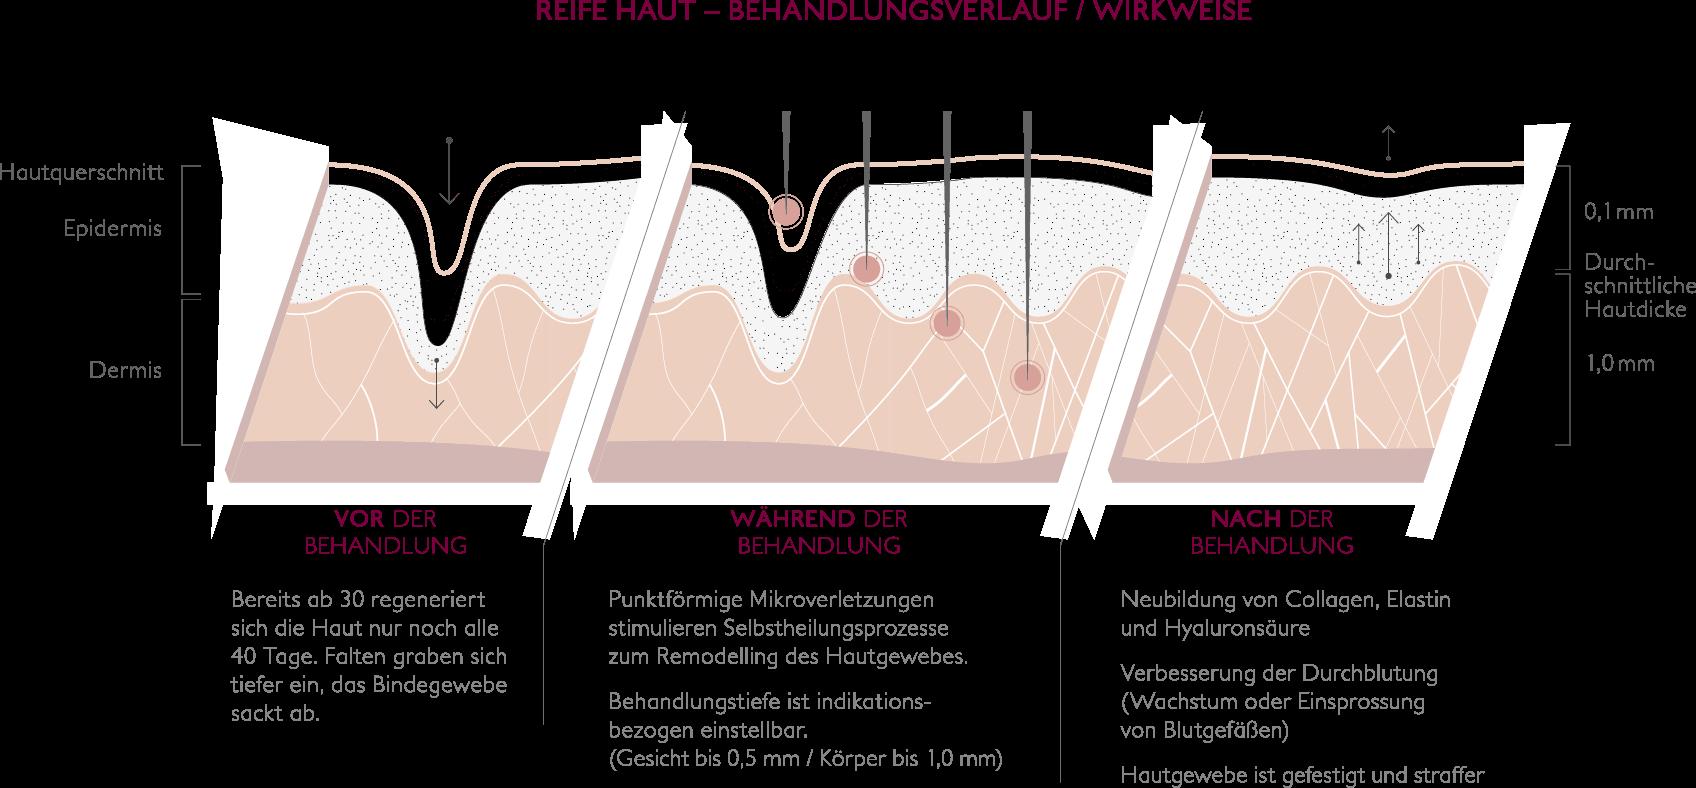 Micro Needling Vor-während-danach